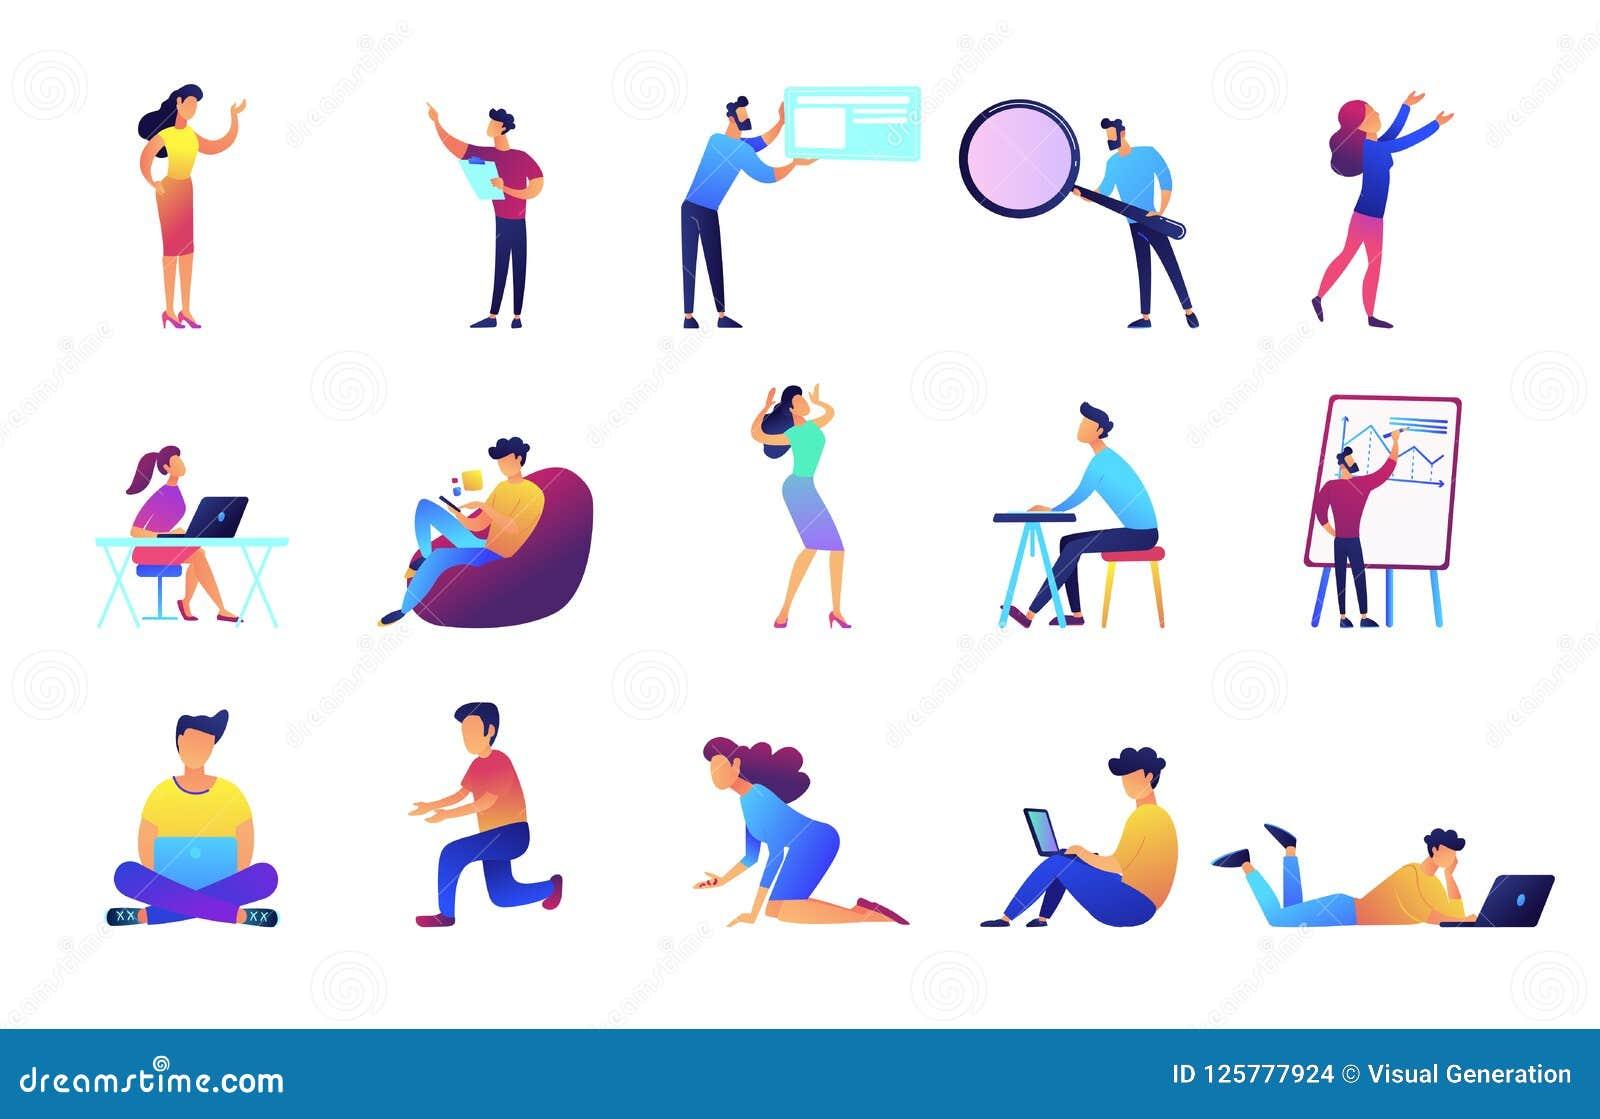 Διανυσματικές απεικονίσεις Freelancers και επιχειρηματιών καθορισμένες